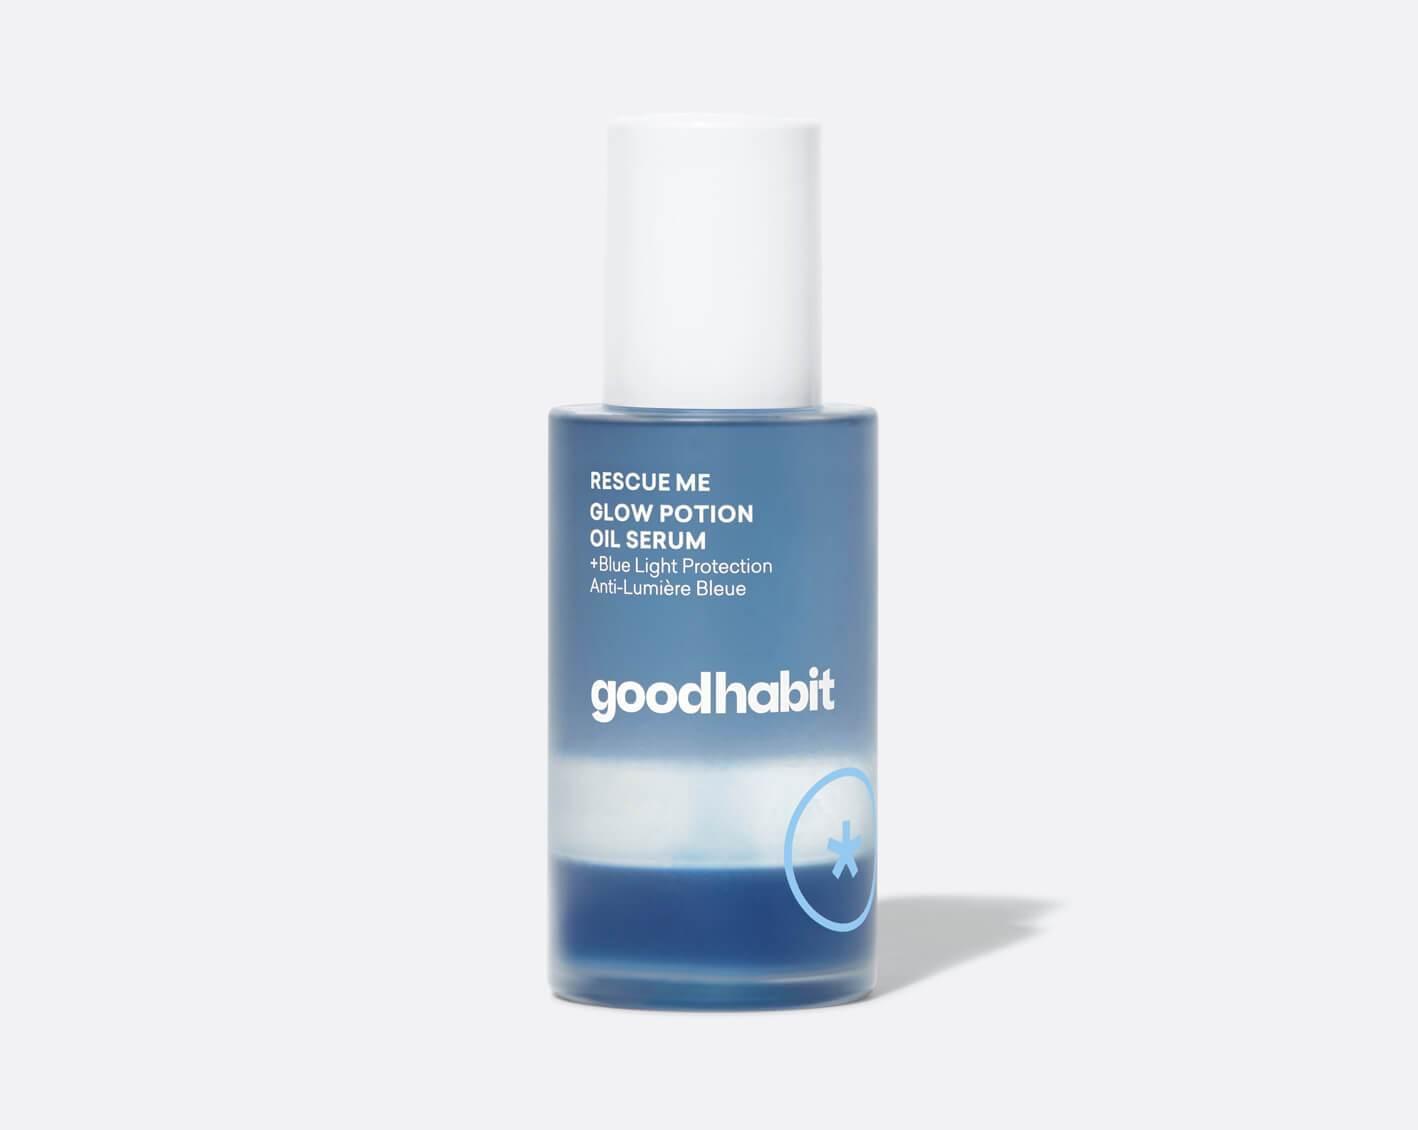 Goodhabit serum